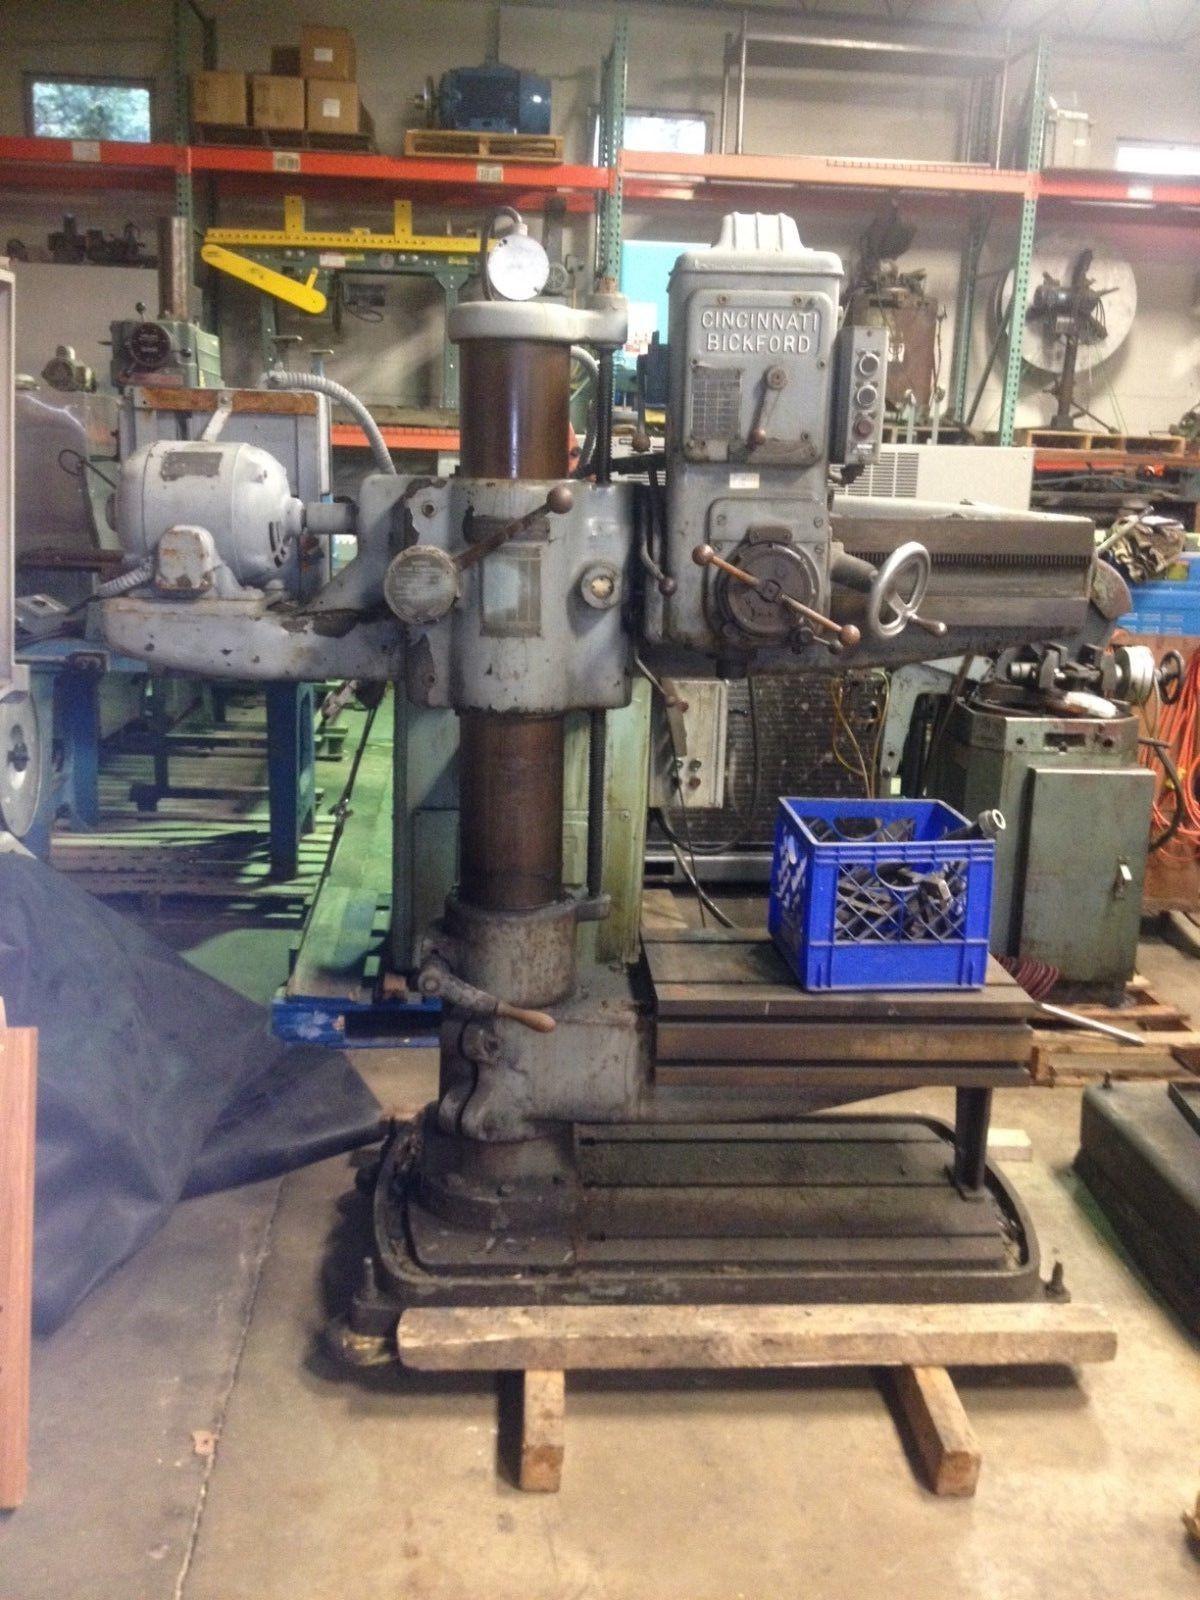 Cincinnati Bickford Radial Drill